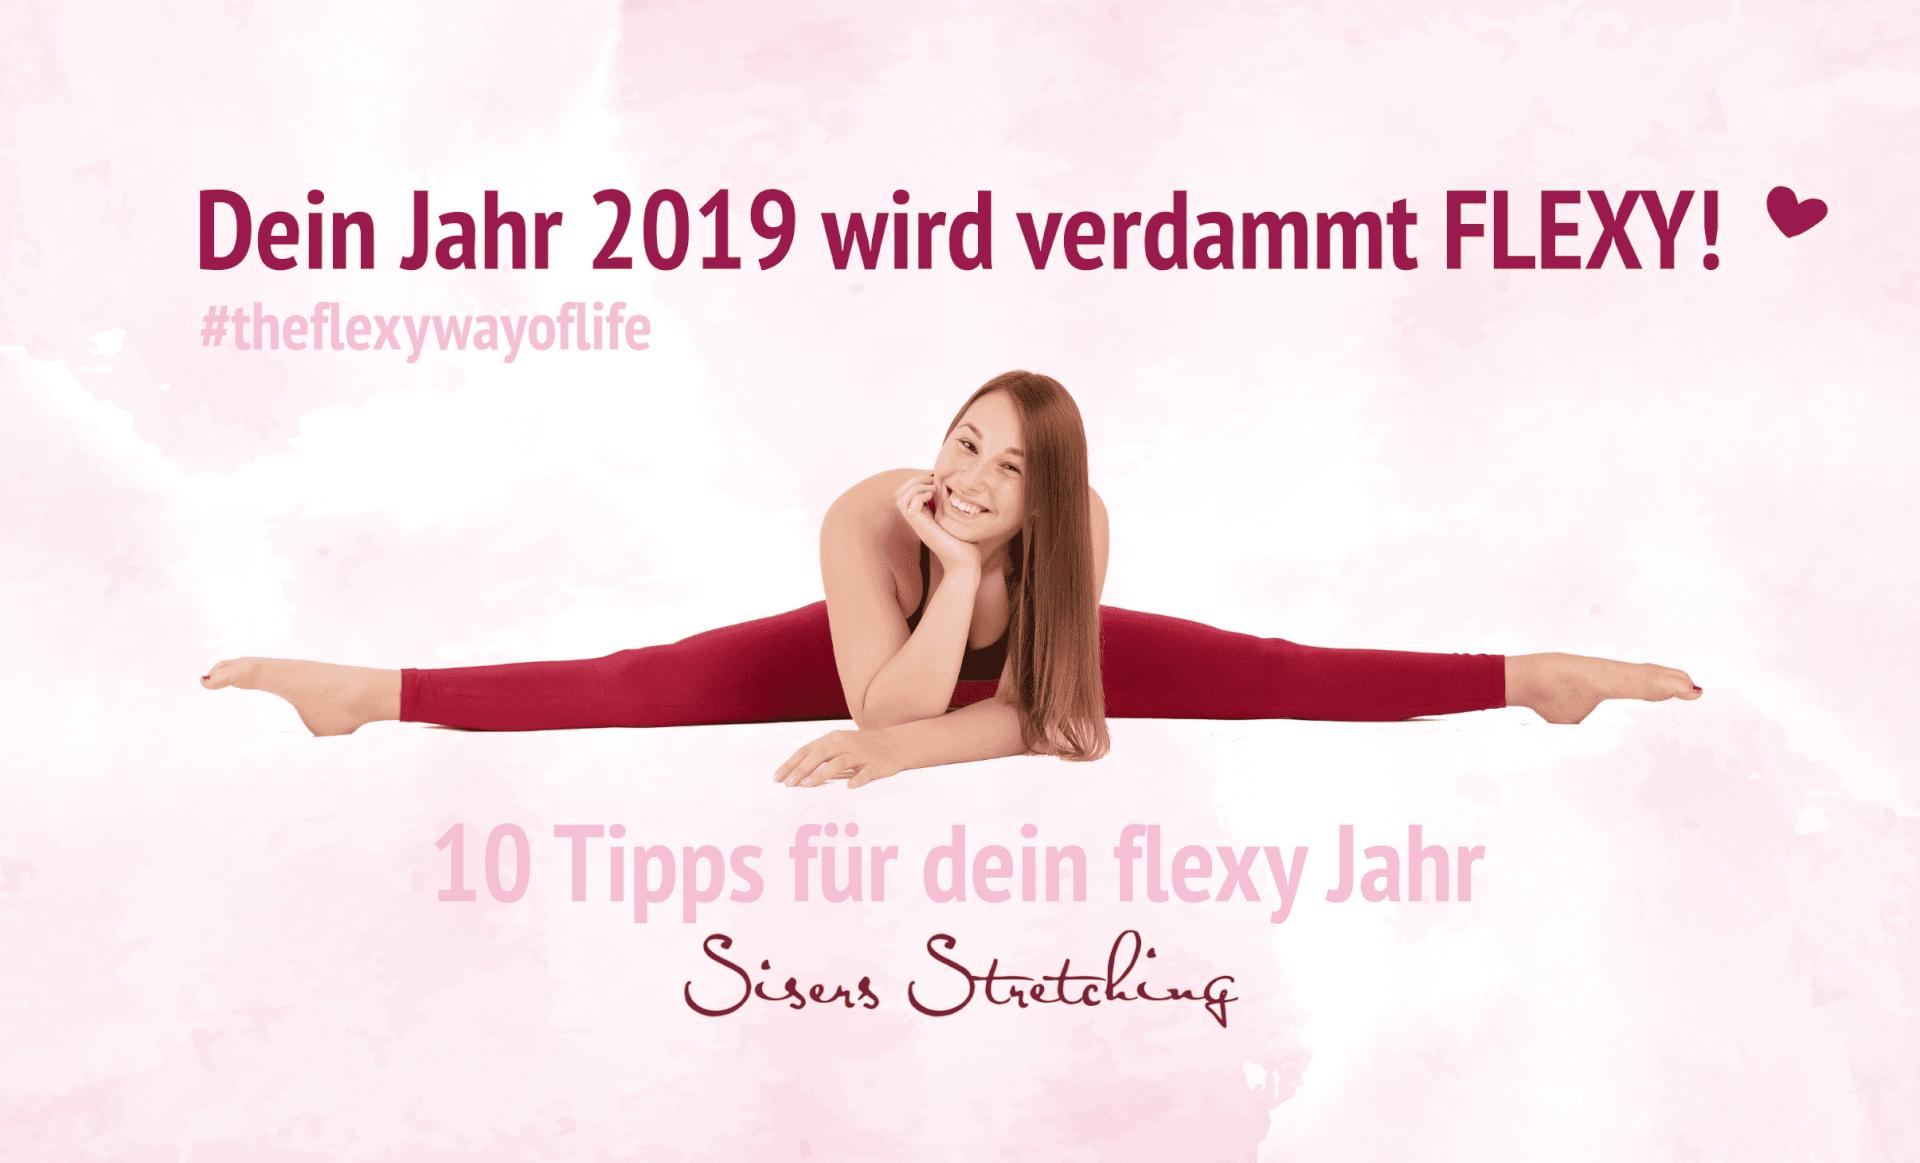 10 Tipps für dein flexy Jahr - Sisers Stretching